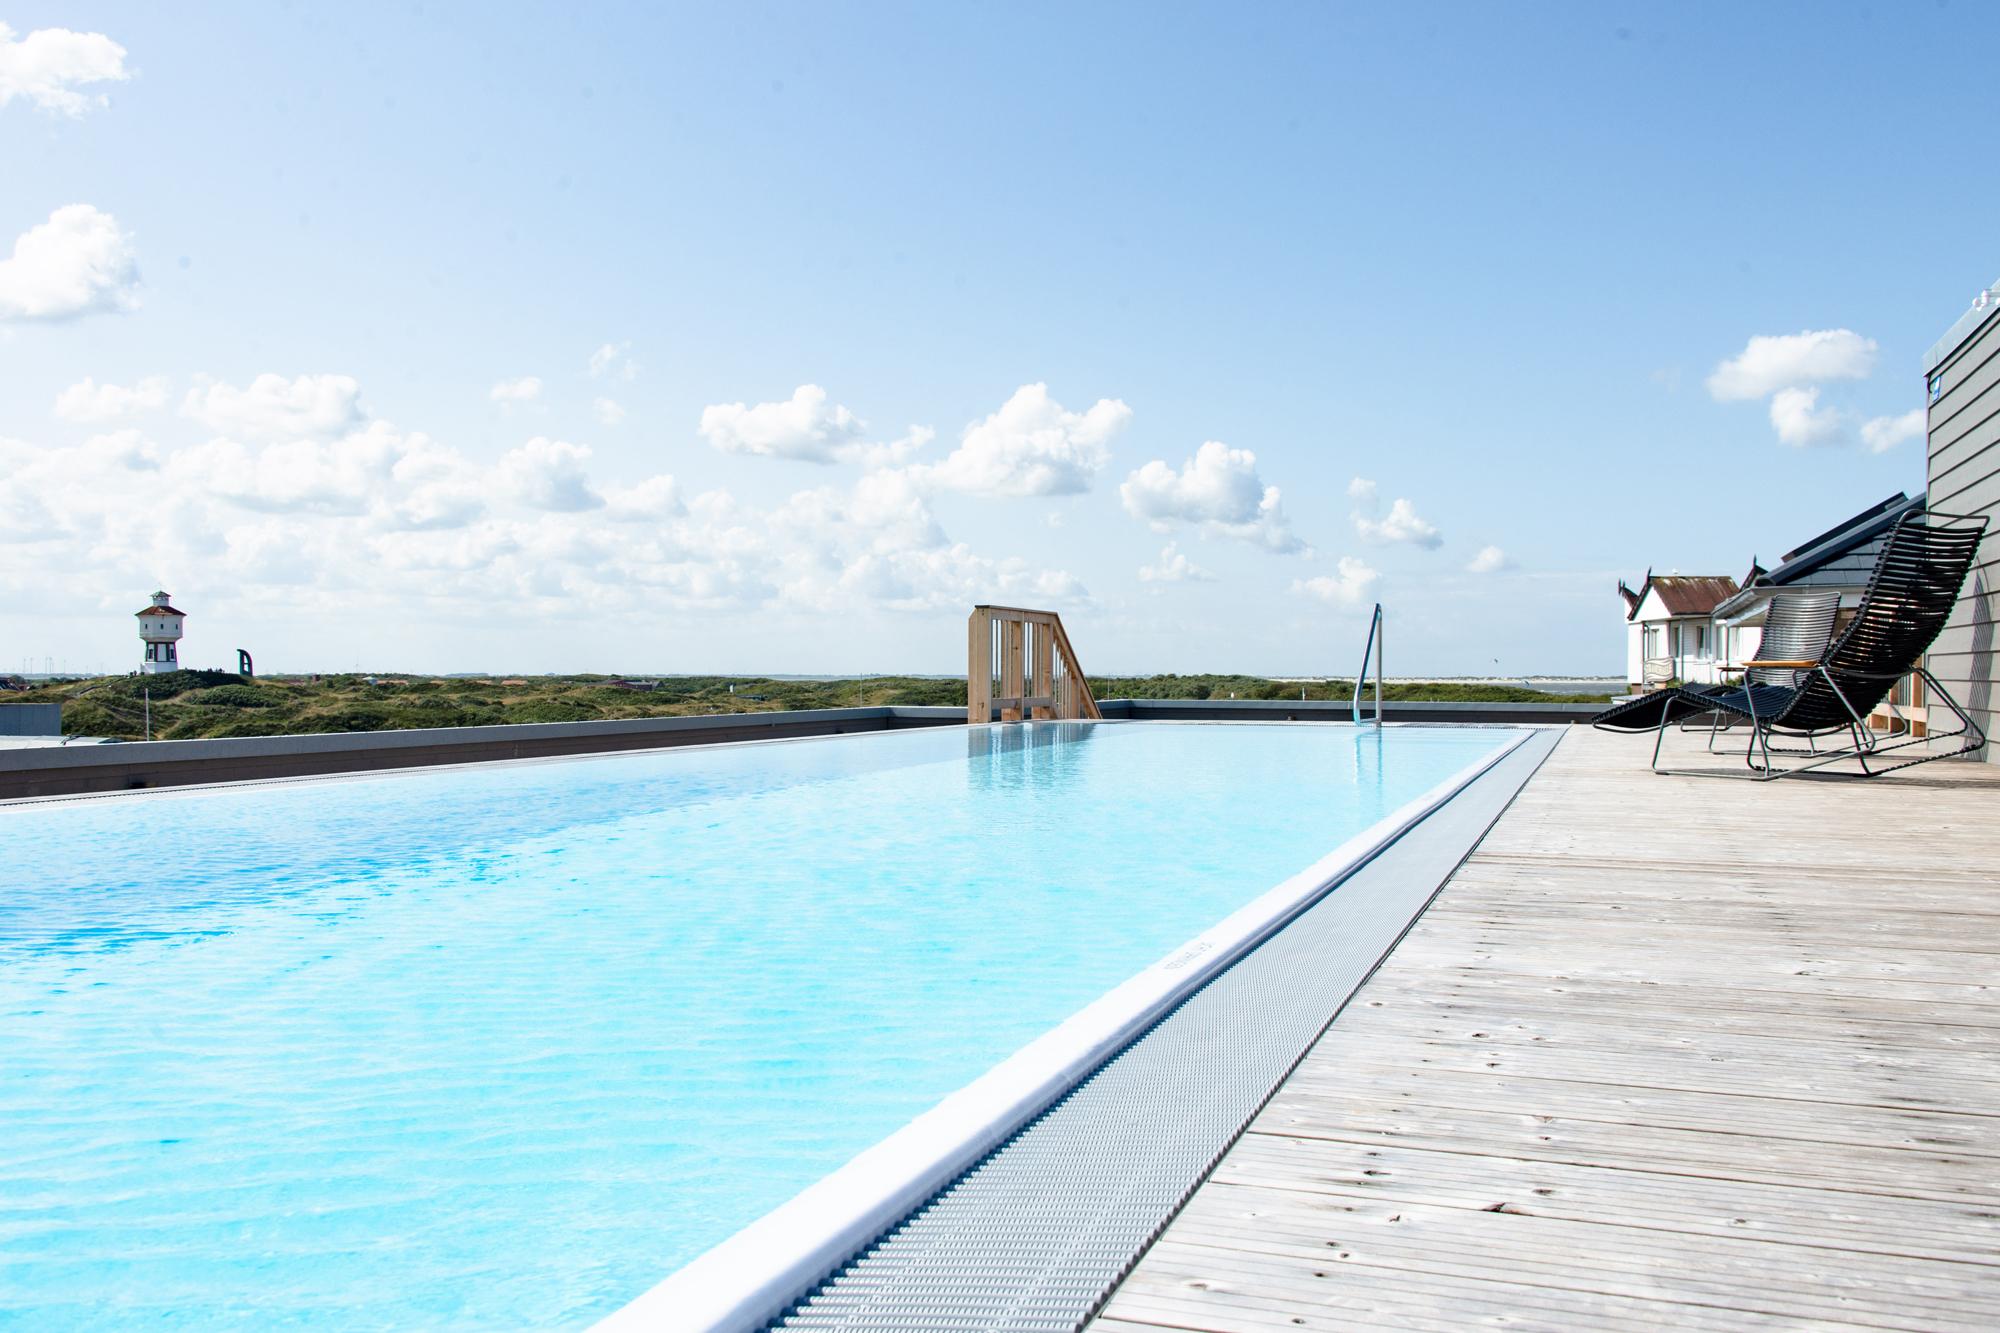 Übrigens bietet der Pool ein spektakulärern Ausblick auf das Wahrzeichen Langeoogs